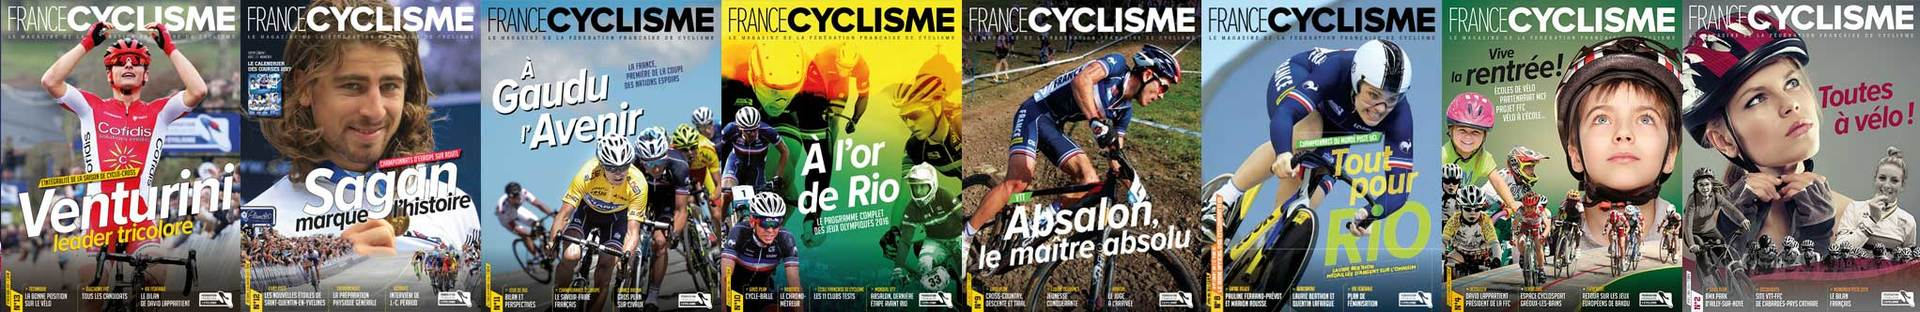 Couverturesfcyclisme